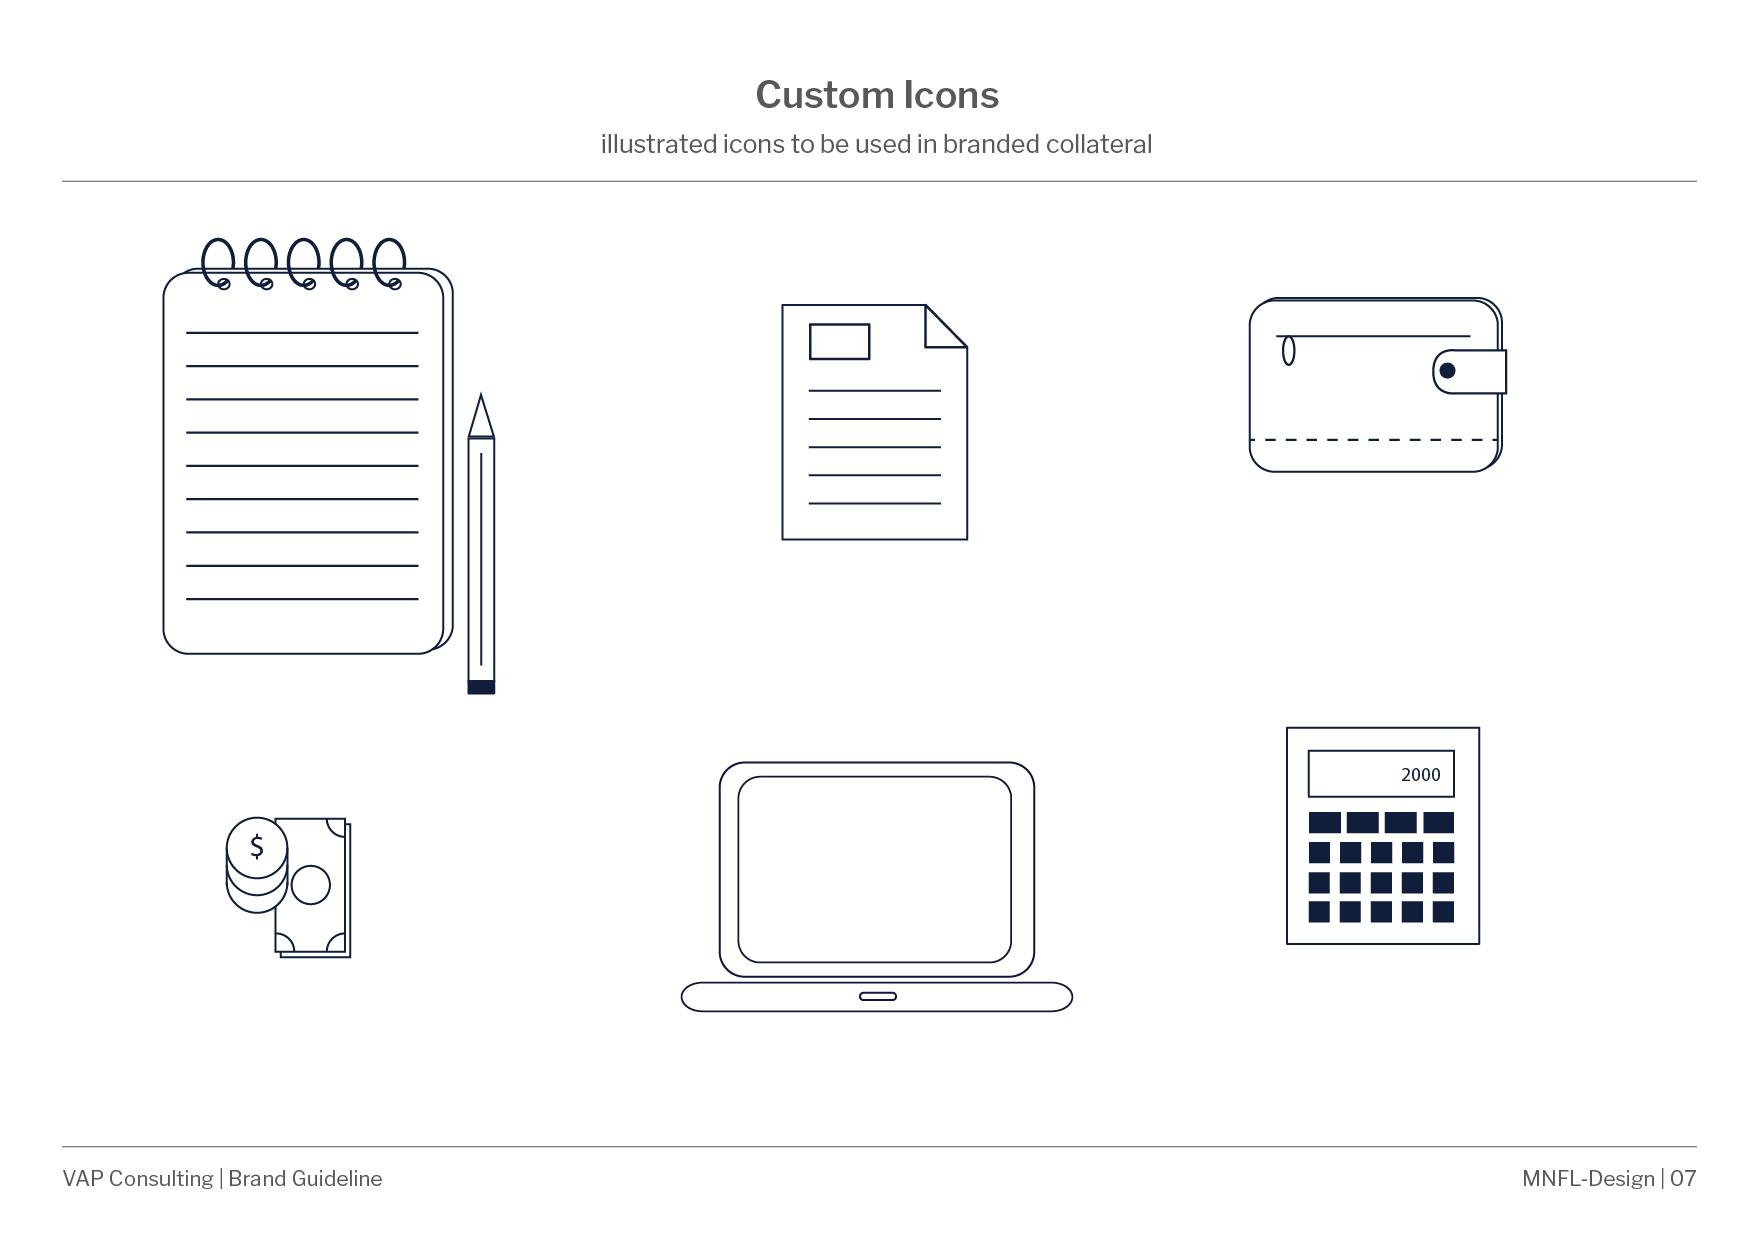 VAP Brand Guideline_icons.jpg